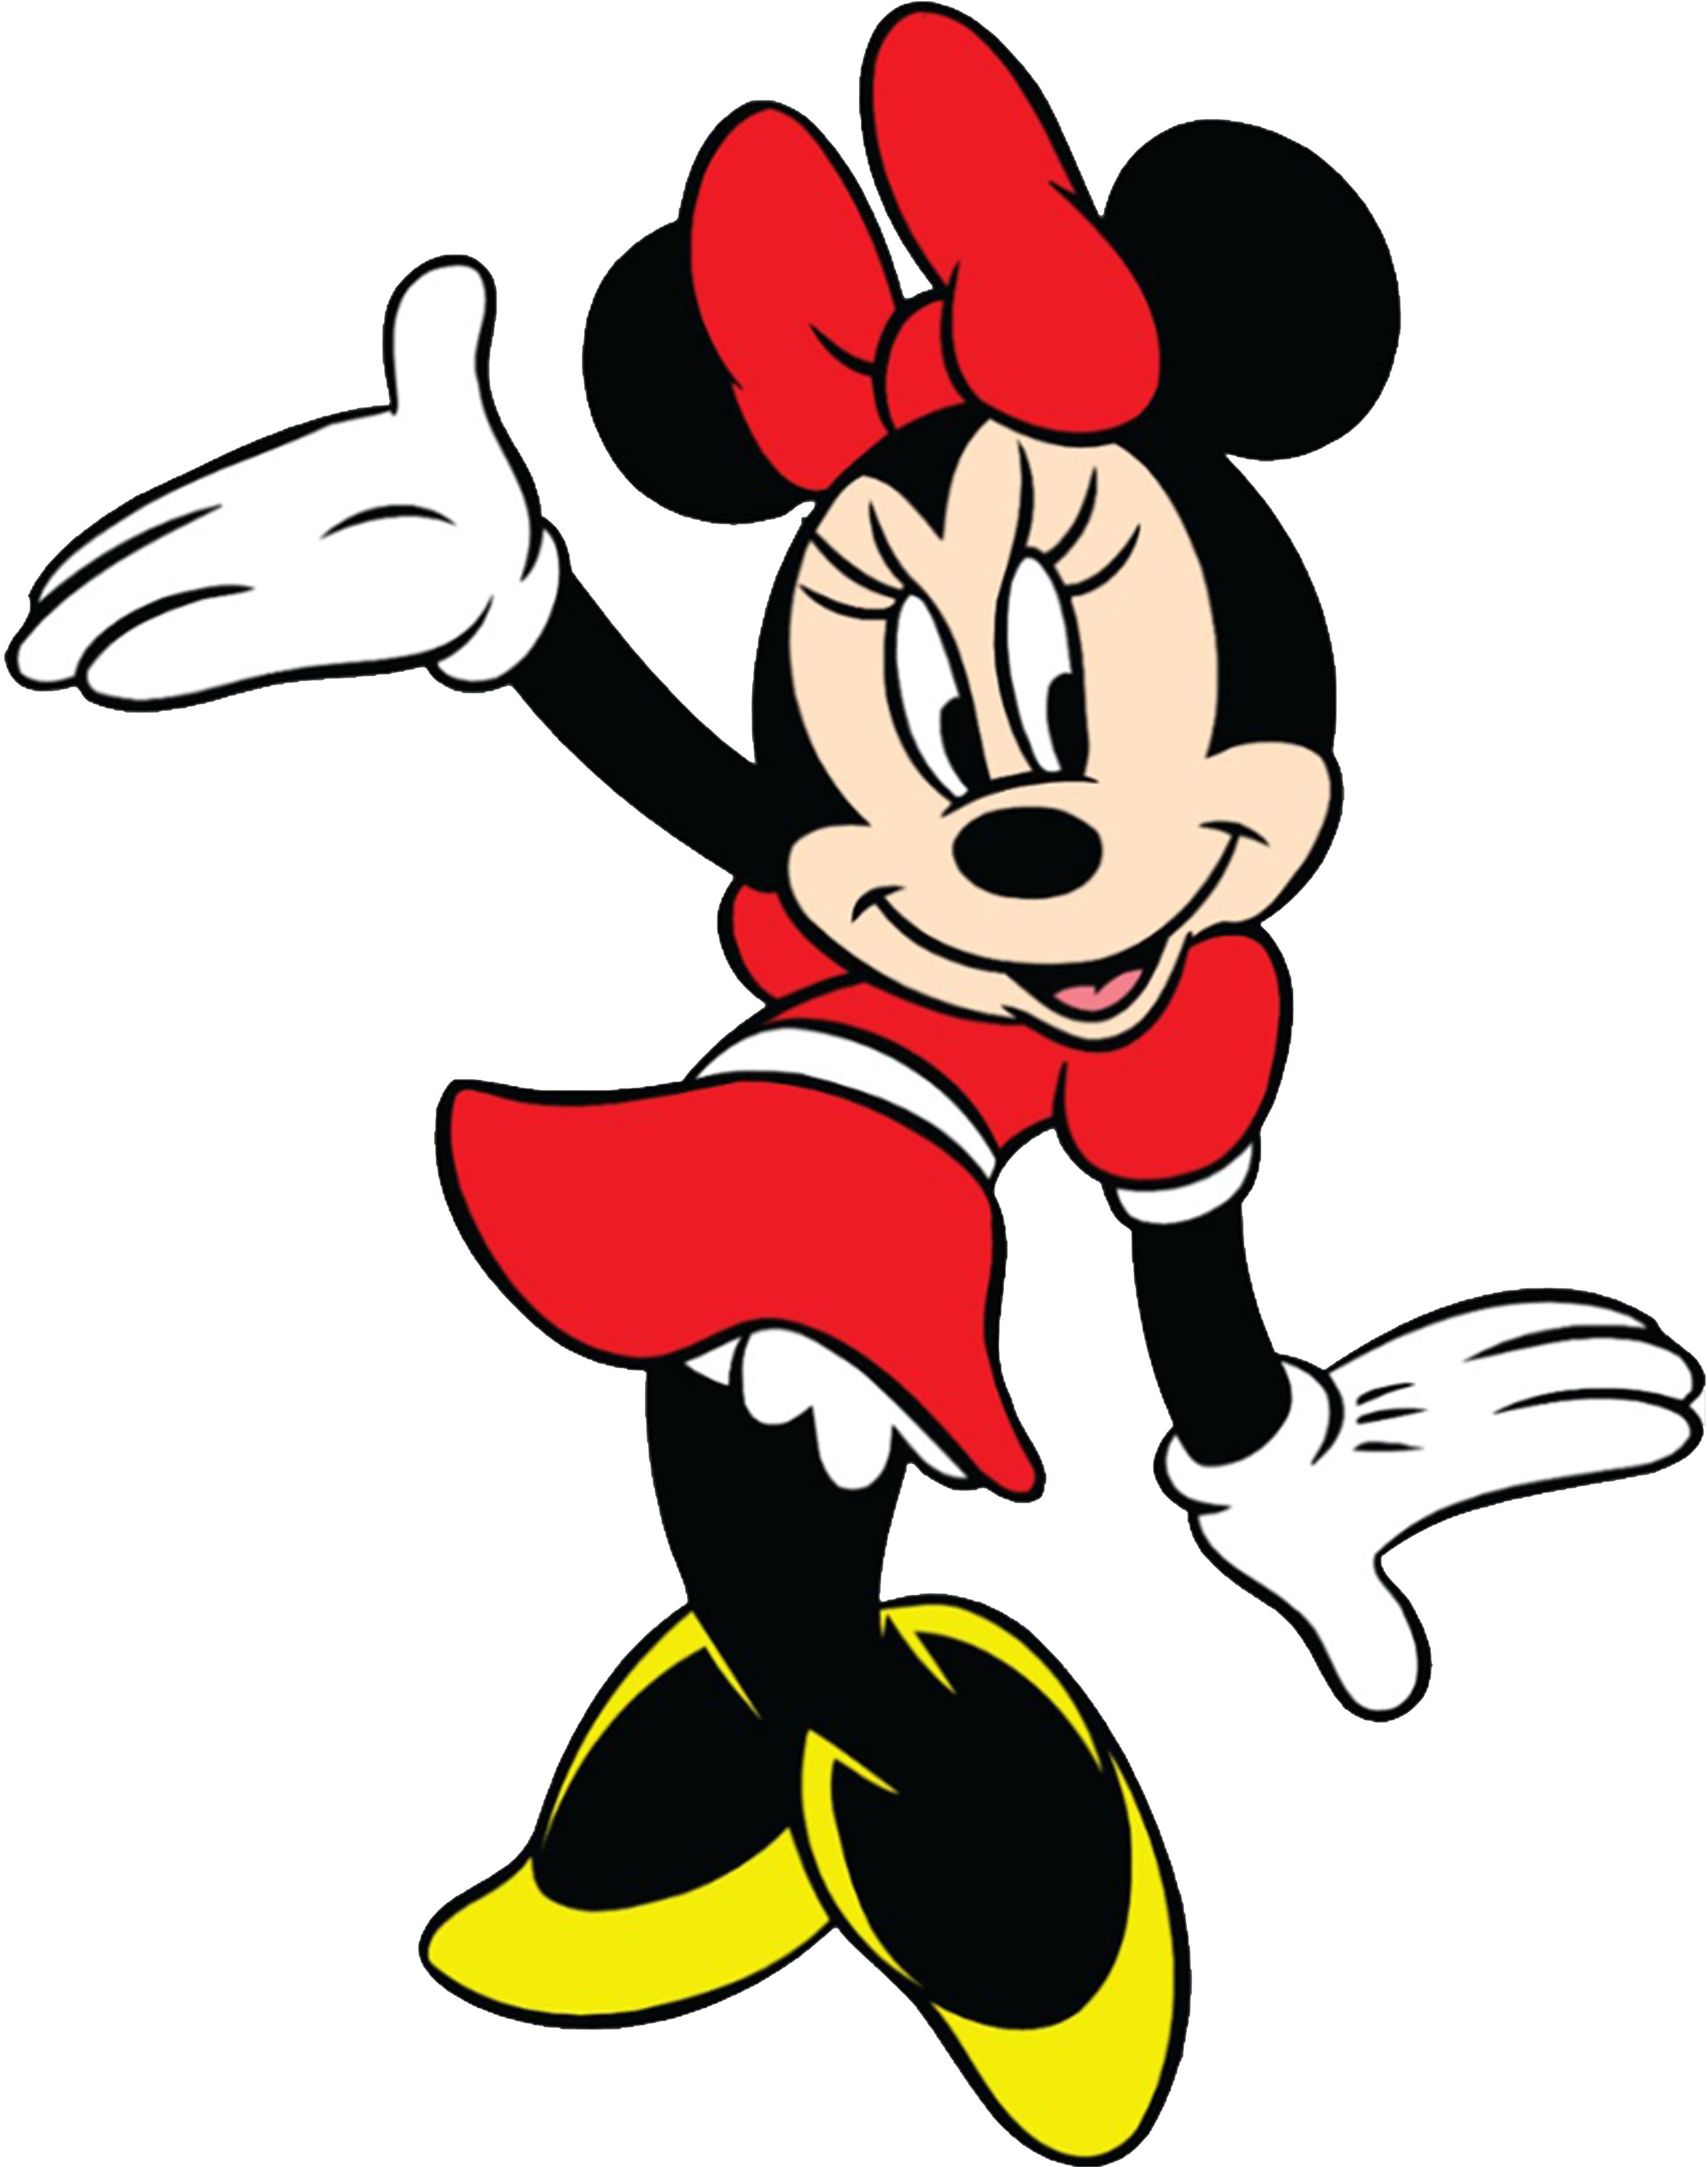 Cenario De Chao Minnie Mouse 90 Cm No Elo7 Festa Oferta 694de2